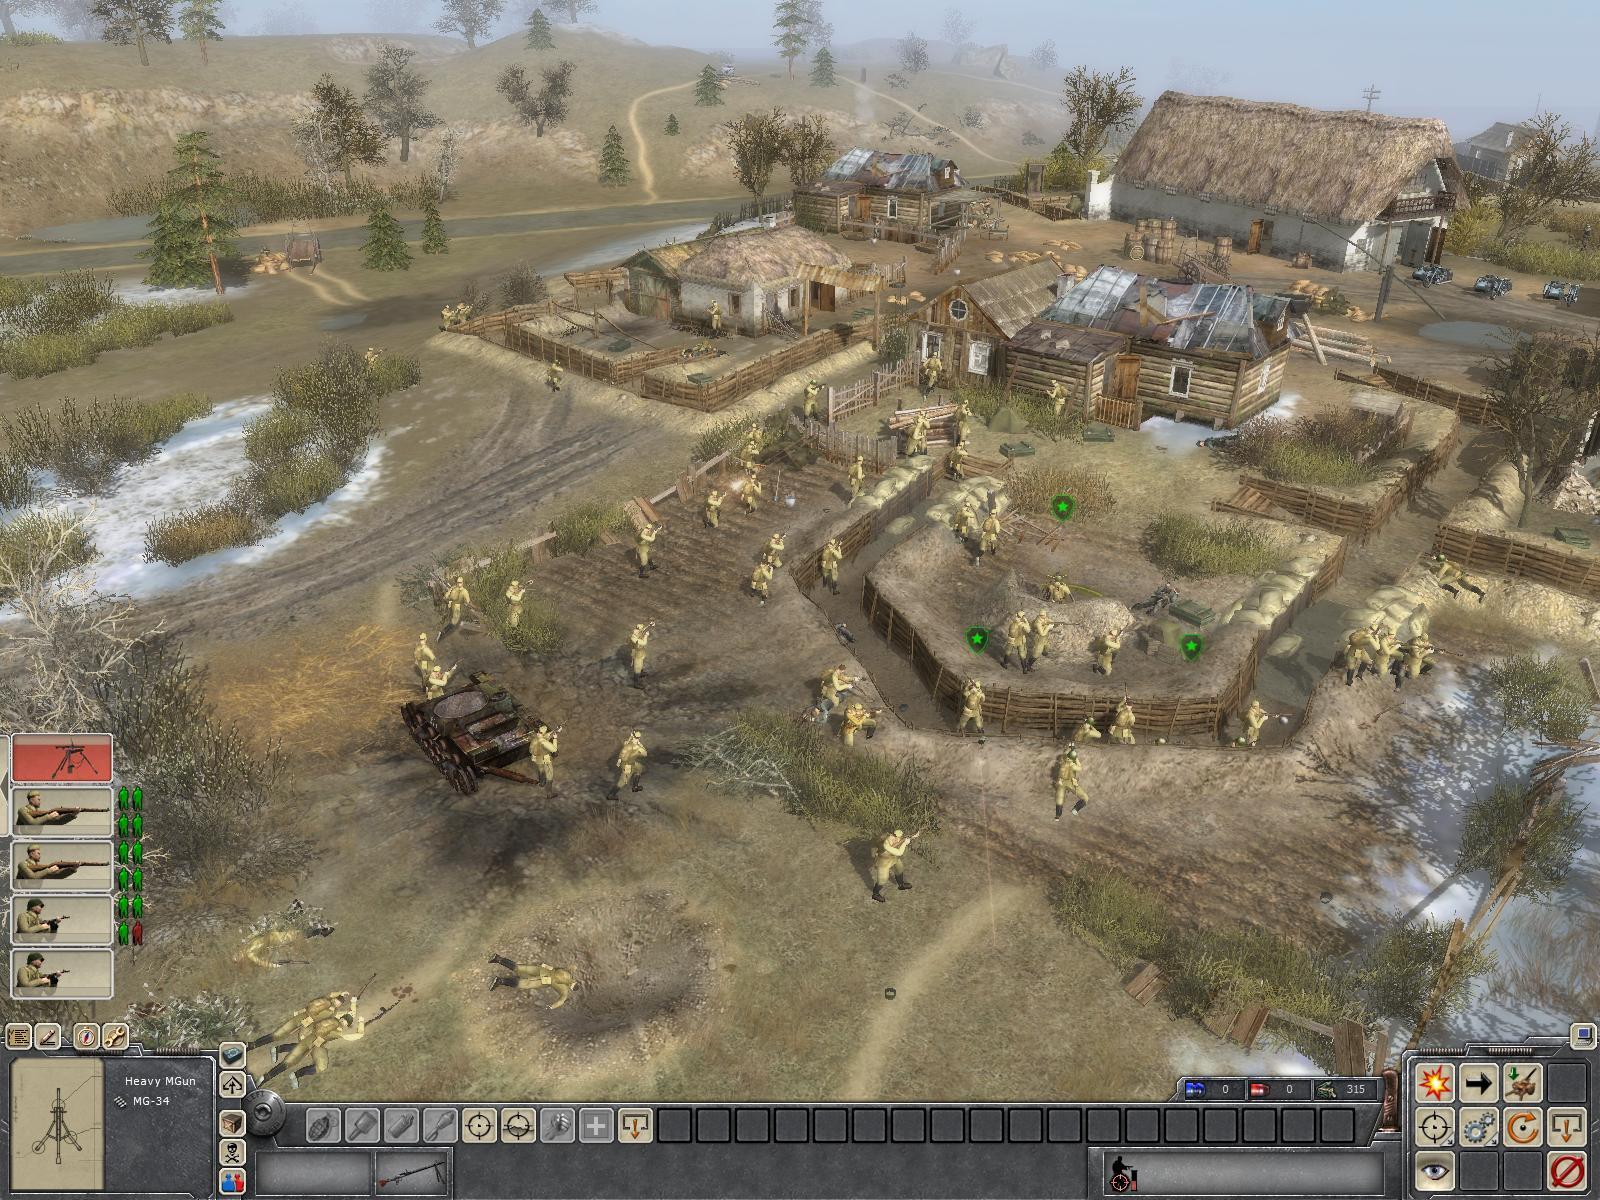 Men of War Pc Game Mediafire,Men of War Pc Game Mediafire Download ...